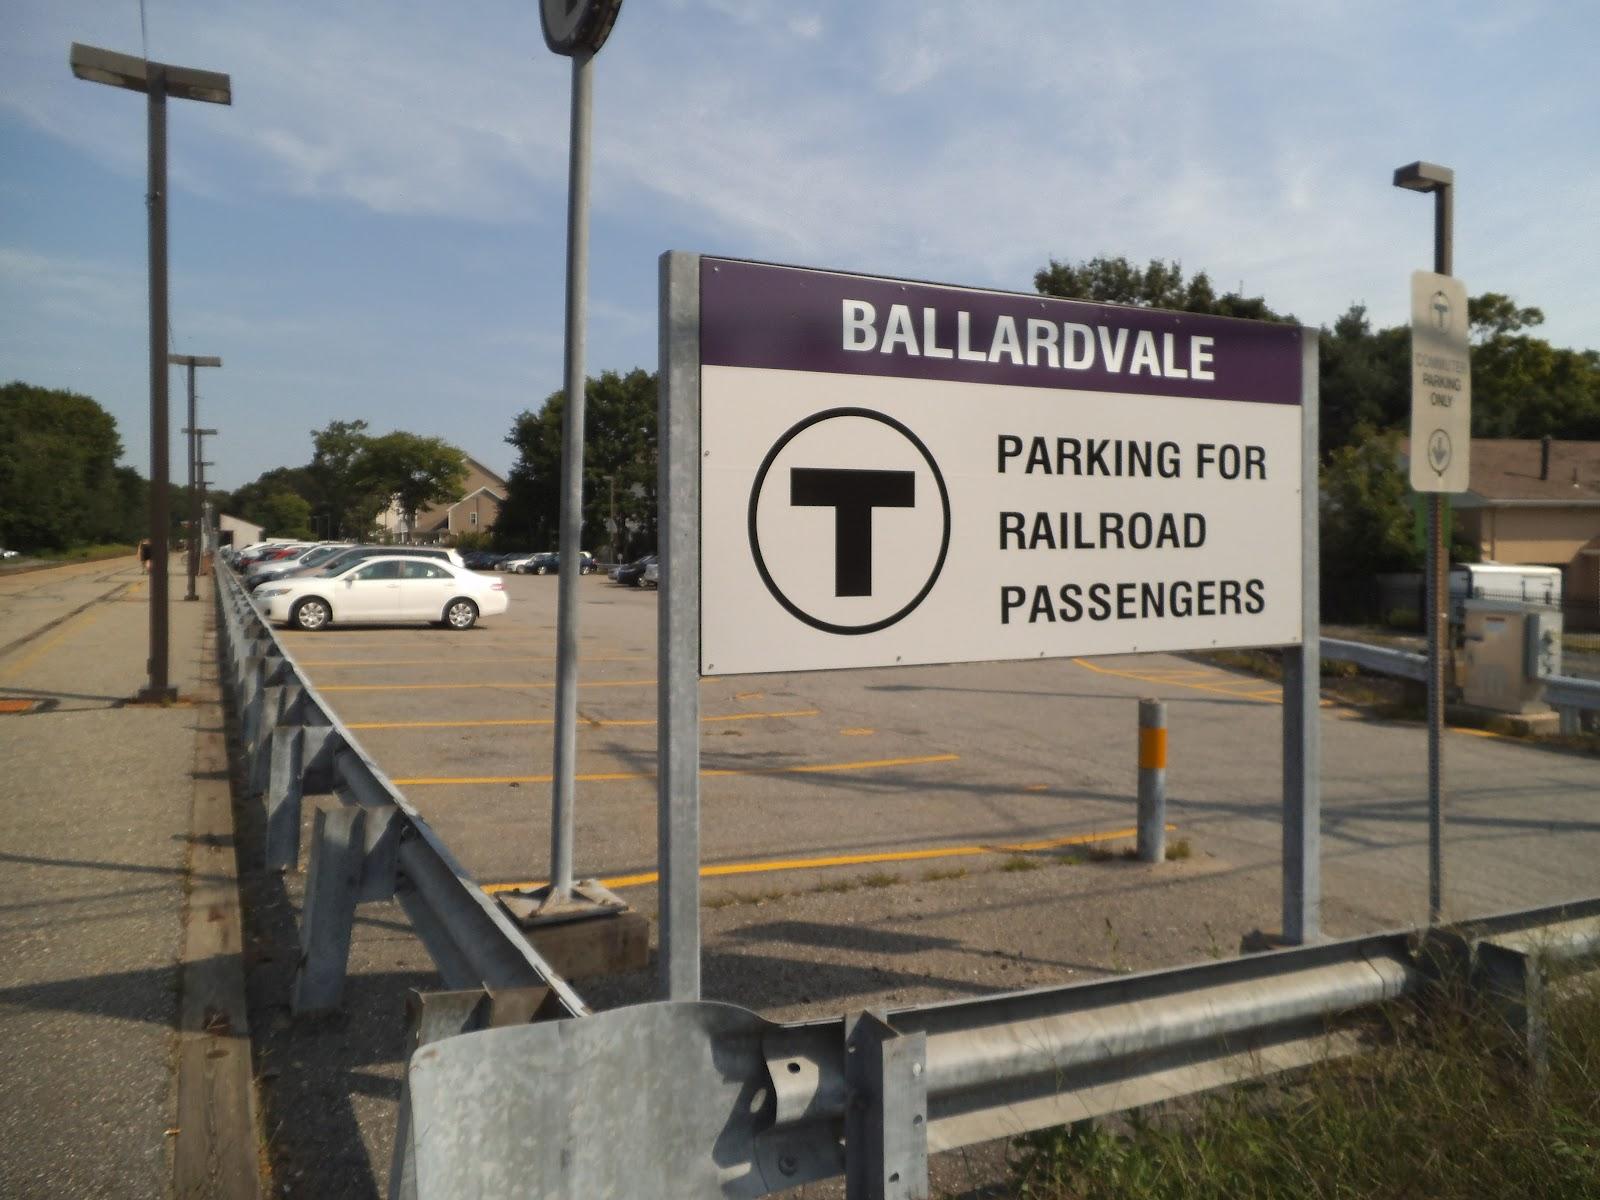 Unique Car Care is located near the Ballardvale train stop in Andover, MA